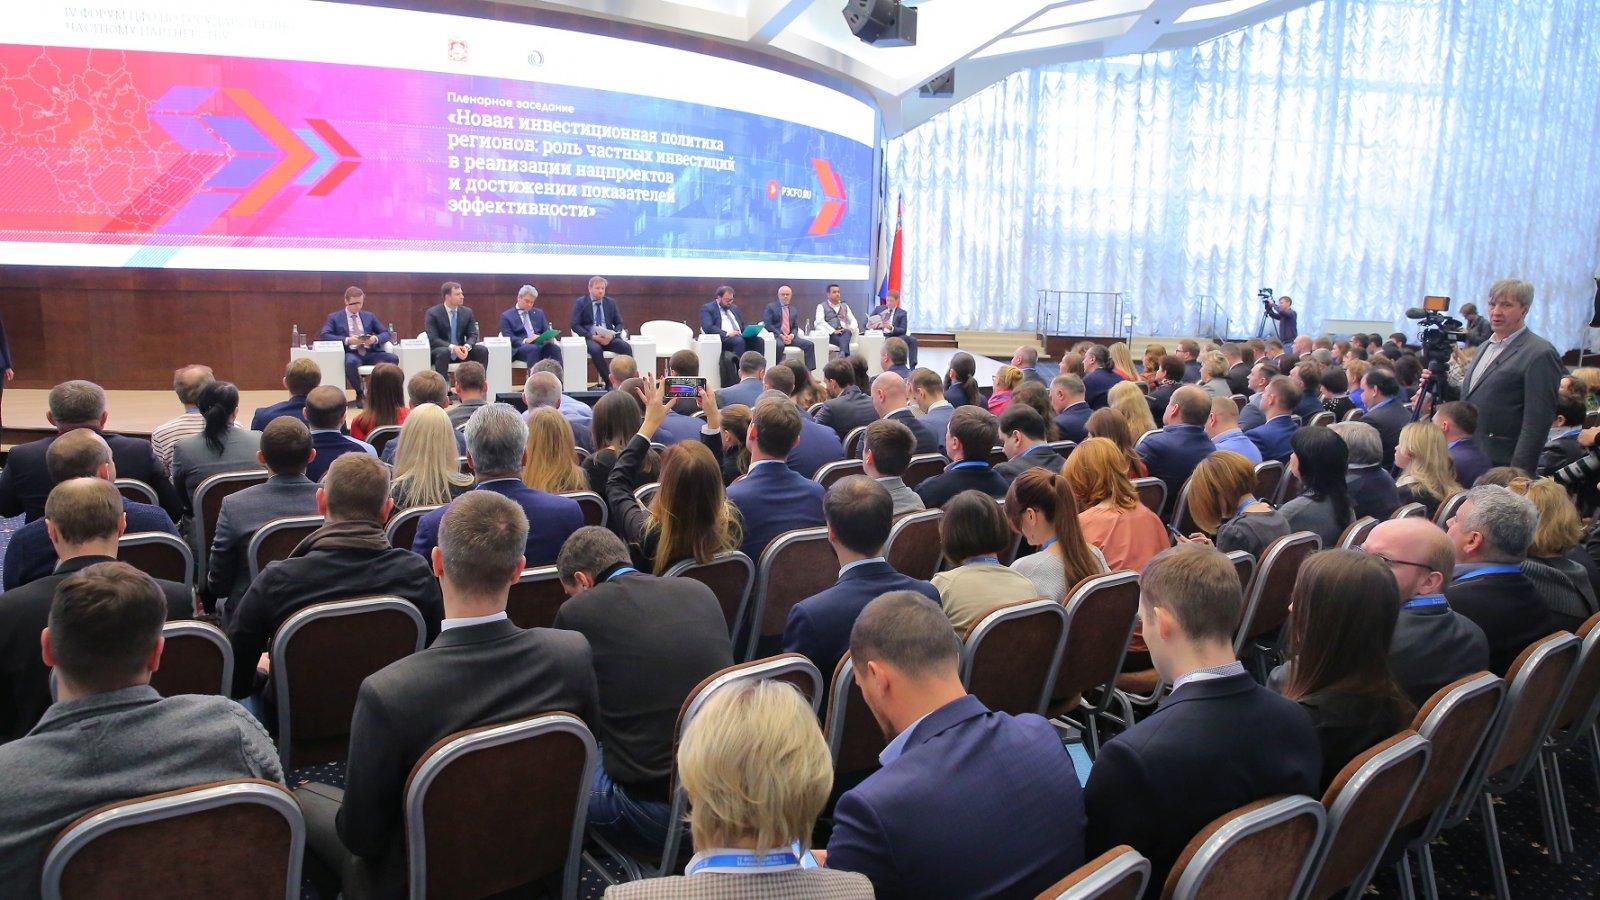 Поддержкой ГЧП-проектов в сфере ИТ займется специальный центр на базе НИИ «Восход»